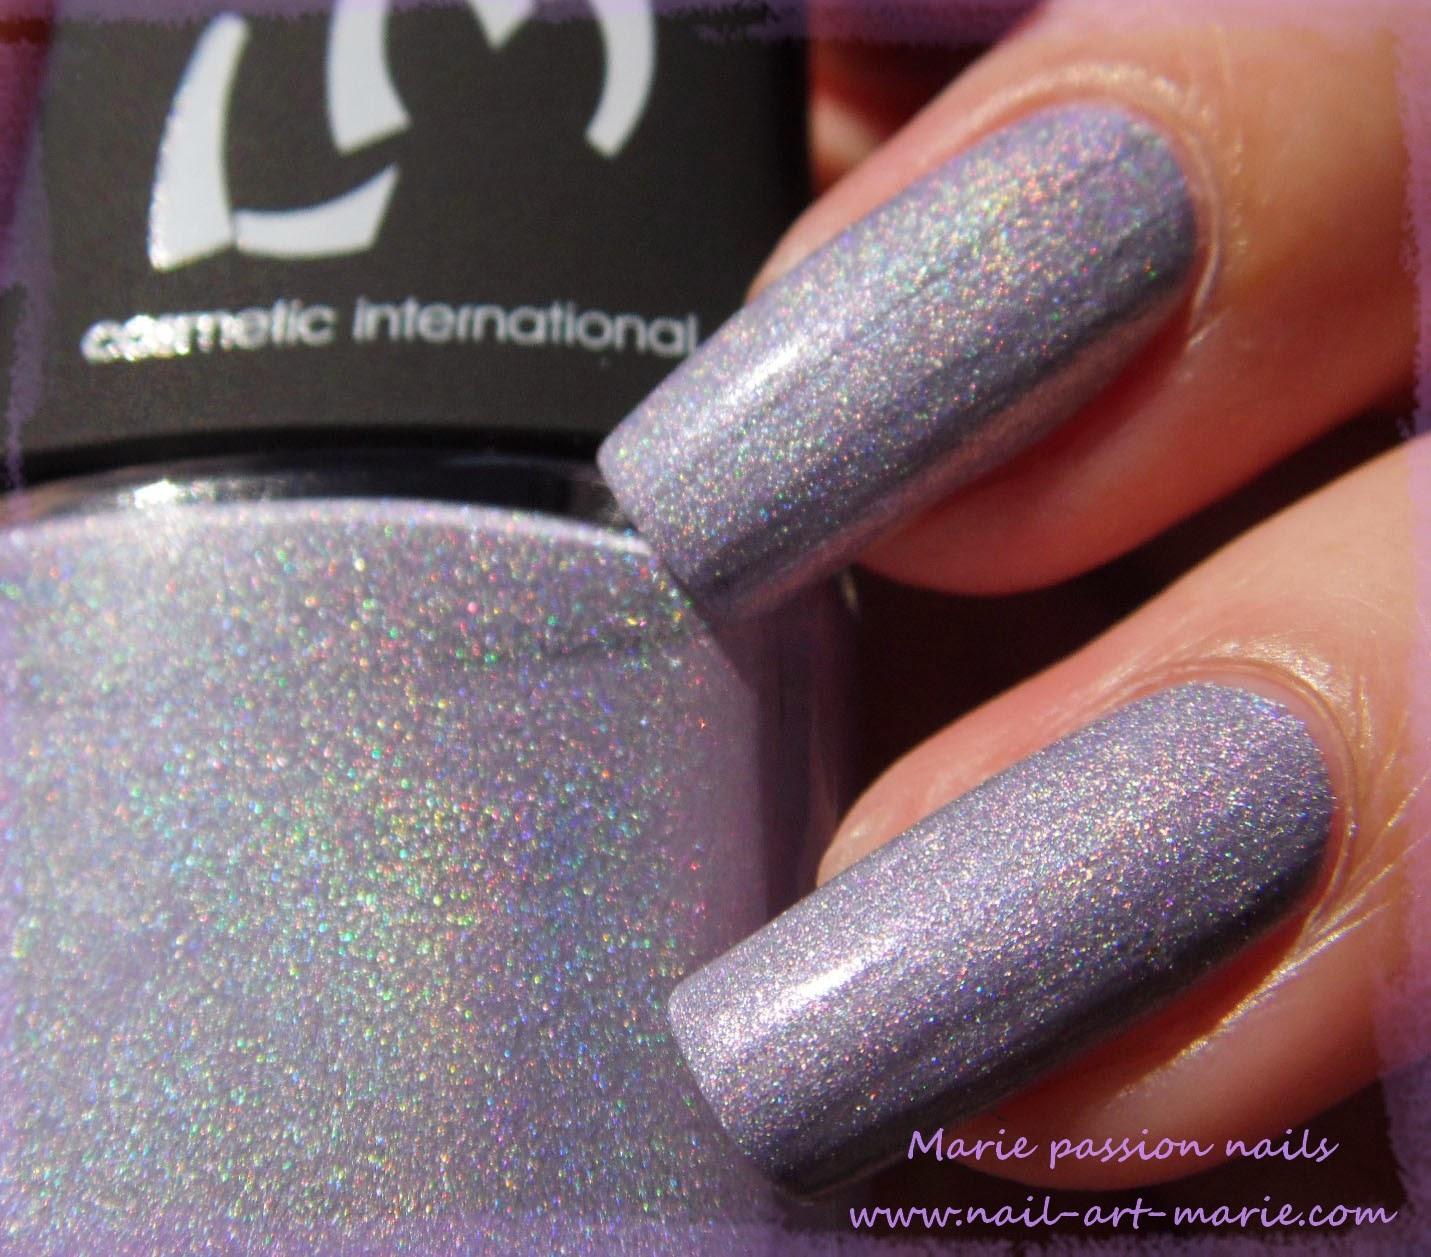 LM Cosmetic Arabesque4